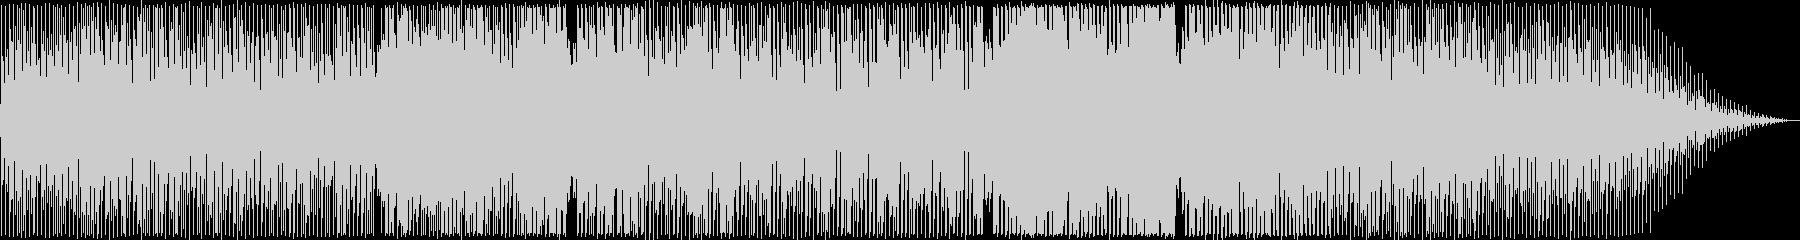 切ないシンセポップテクノ系の未再生の波形